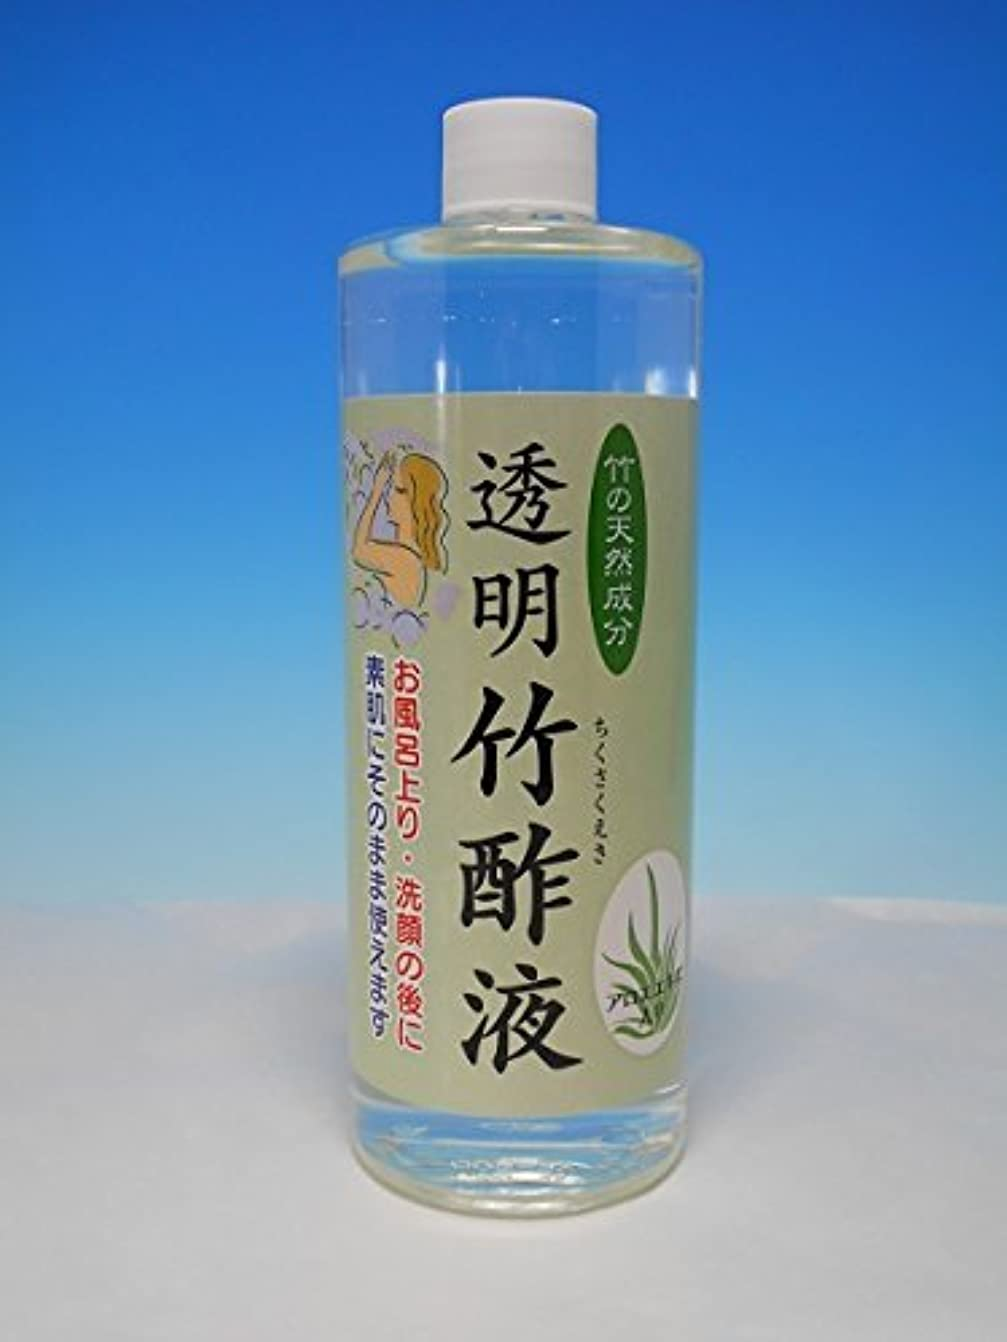 提案ユーザー減少透明竹酢液 500ml 素肌に使える化粧水タイプの竹酢液